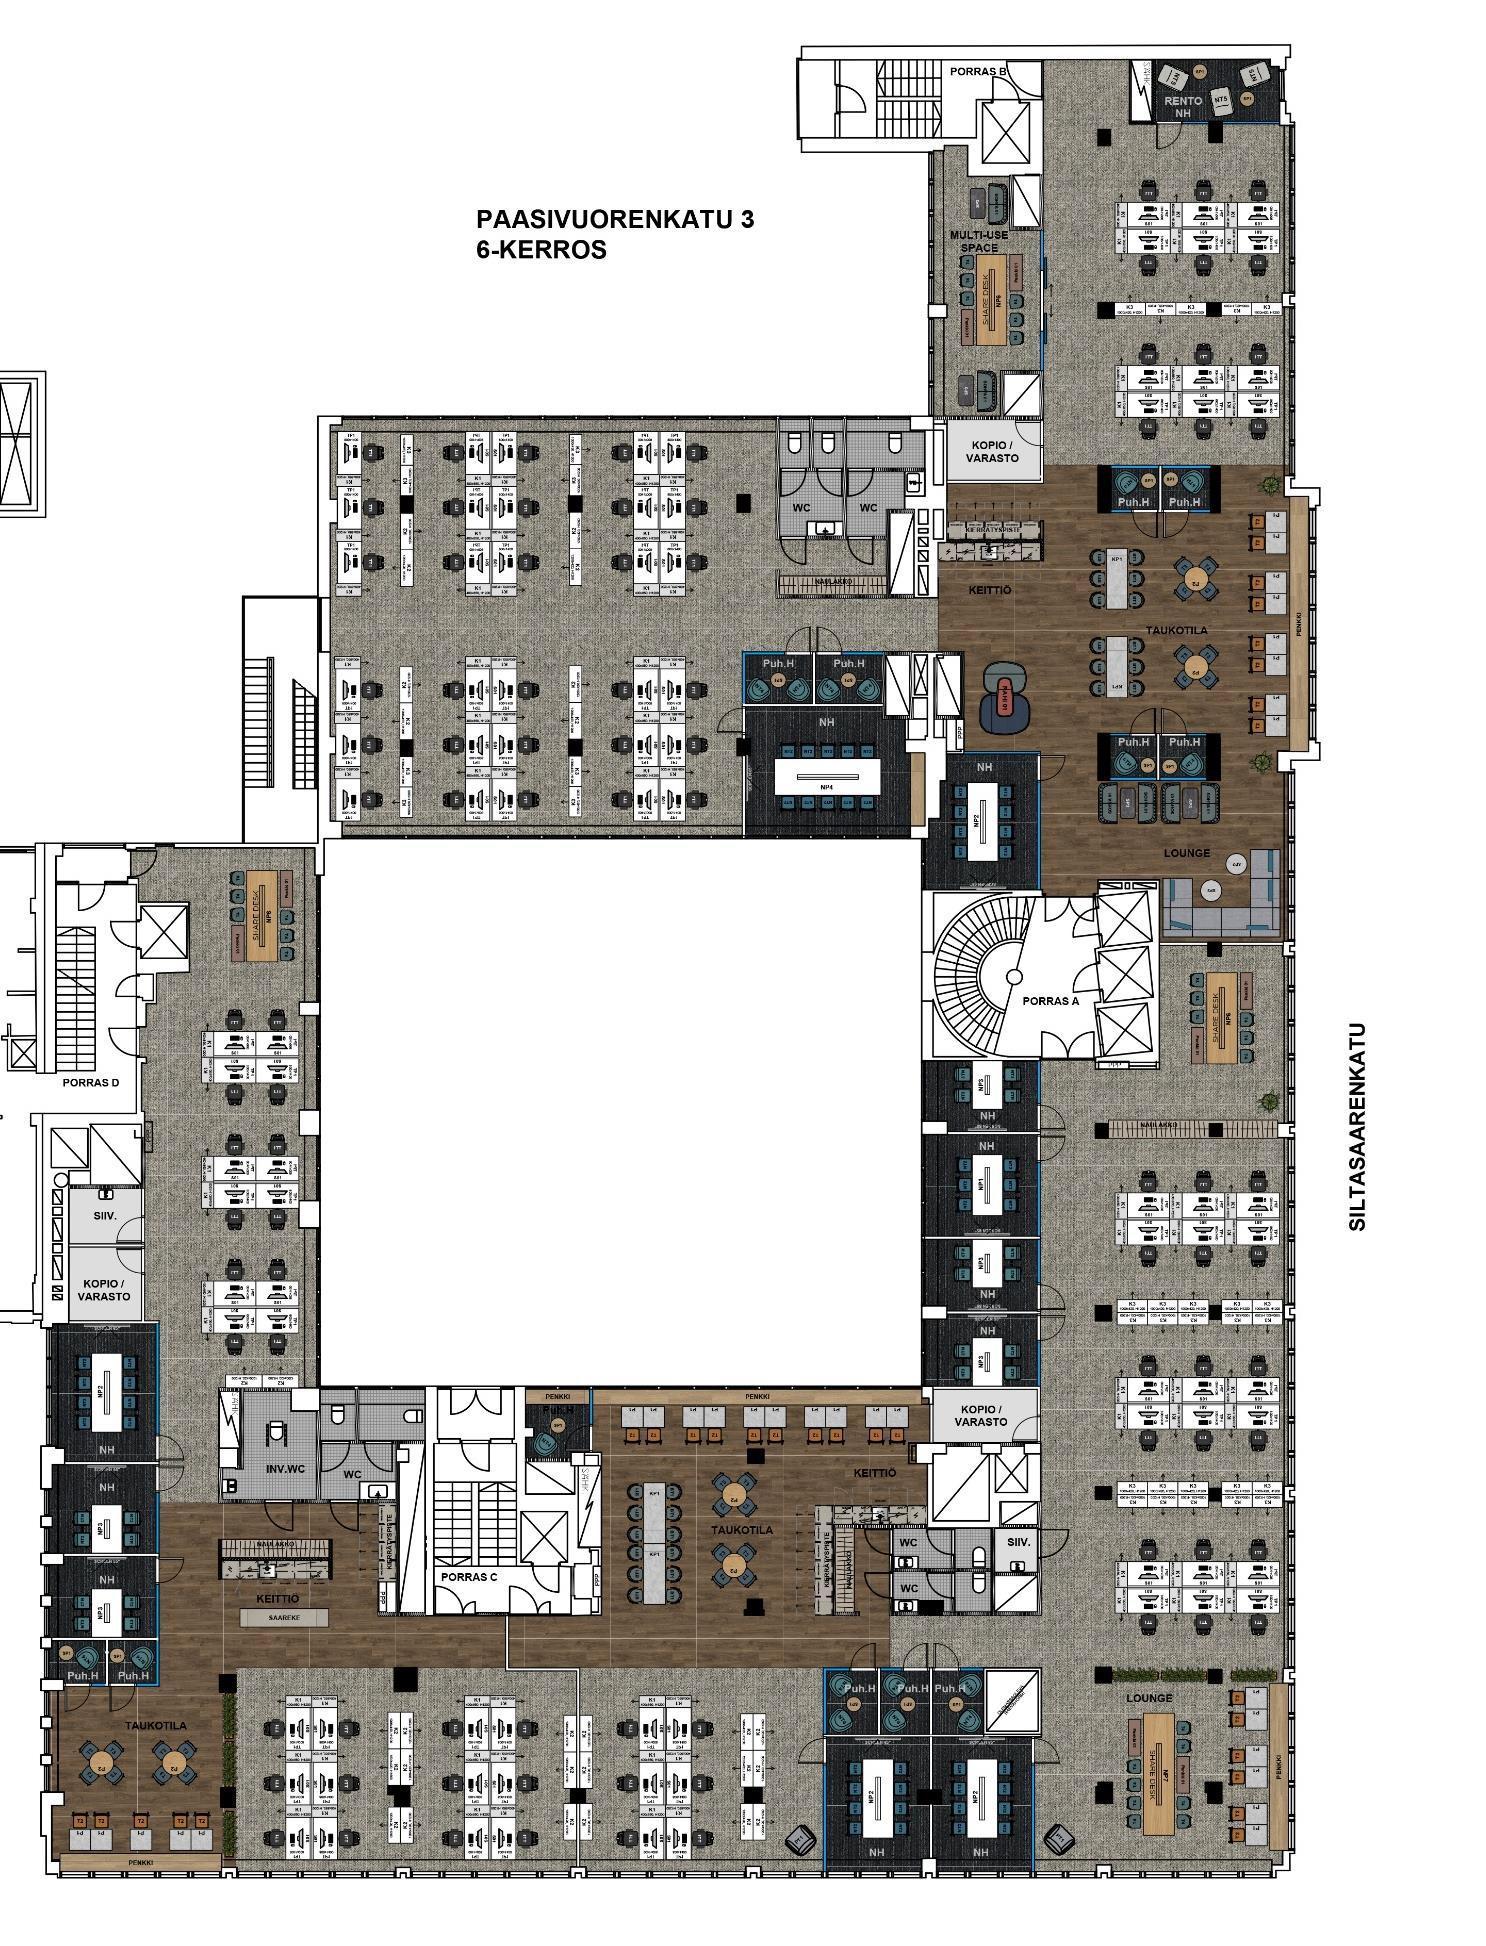 Siltasaarenkatu 12, 1359m2, 7. kerros, Toimistotila